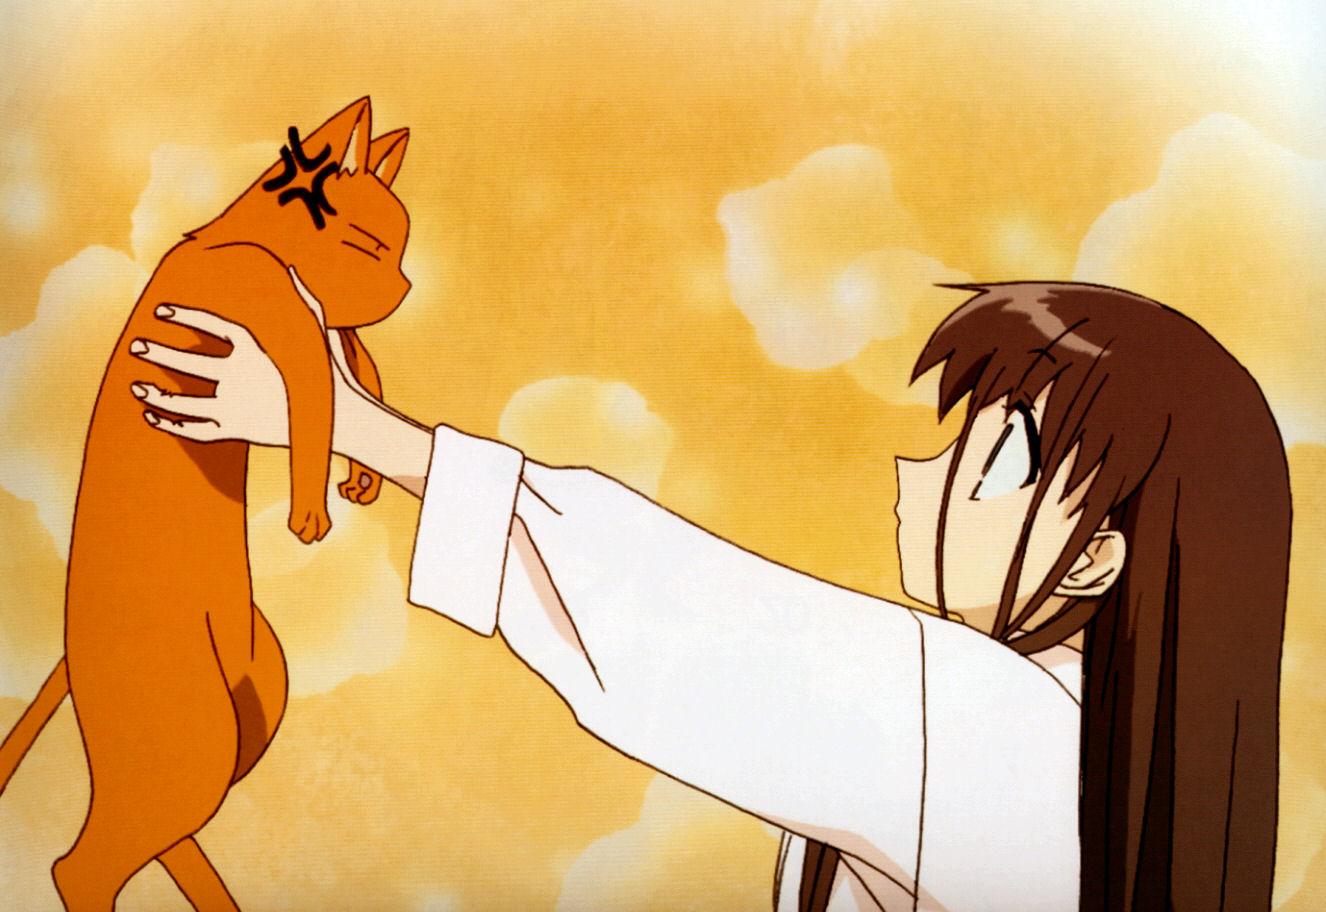 Free Download Sohma Kyo Cat Zerochan Anime Image Board